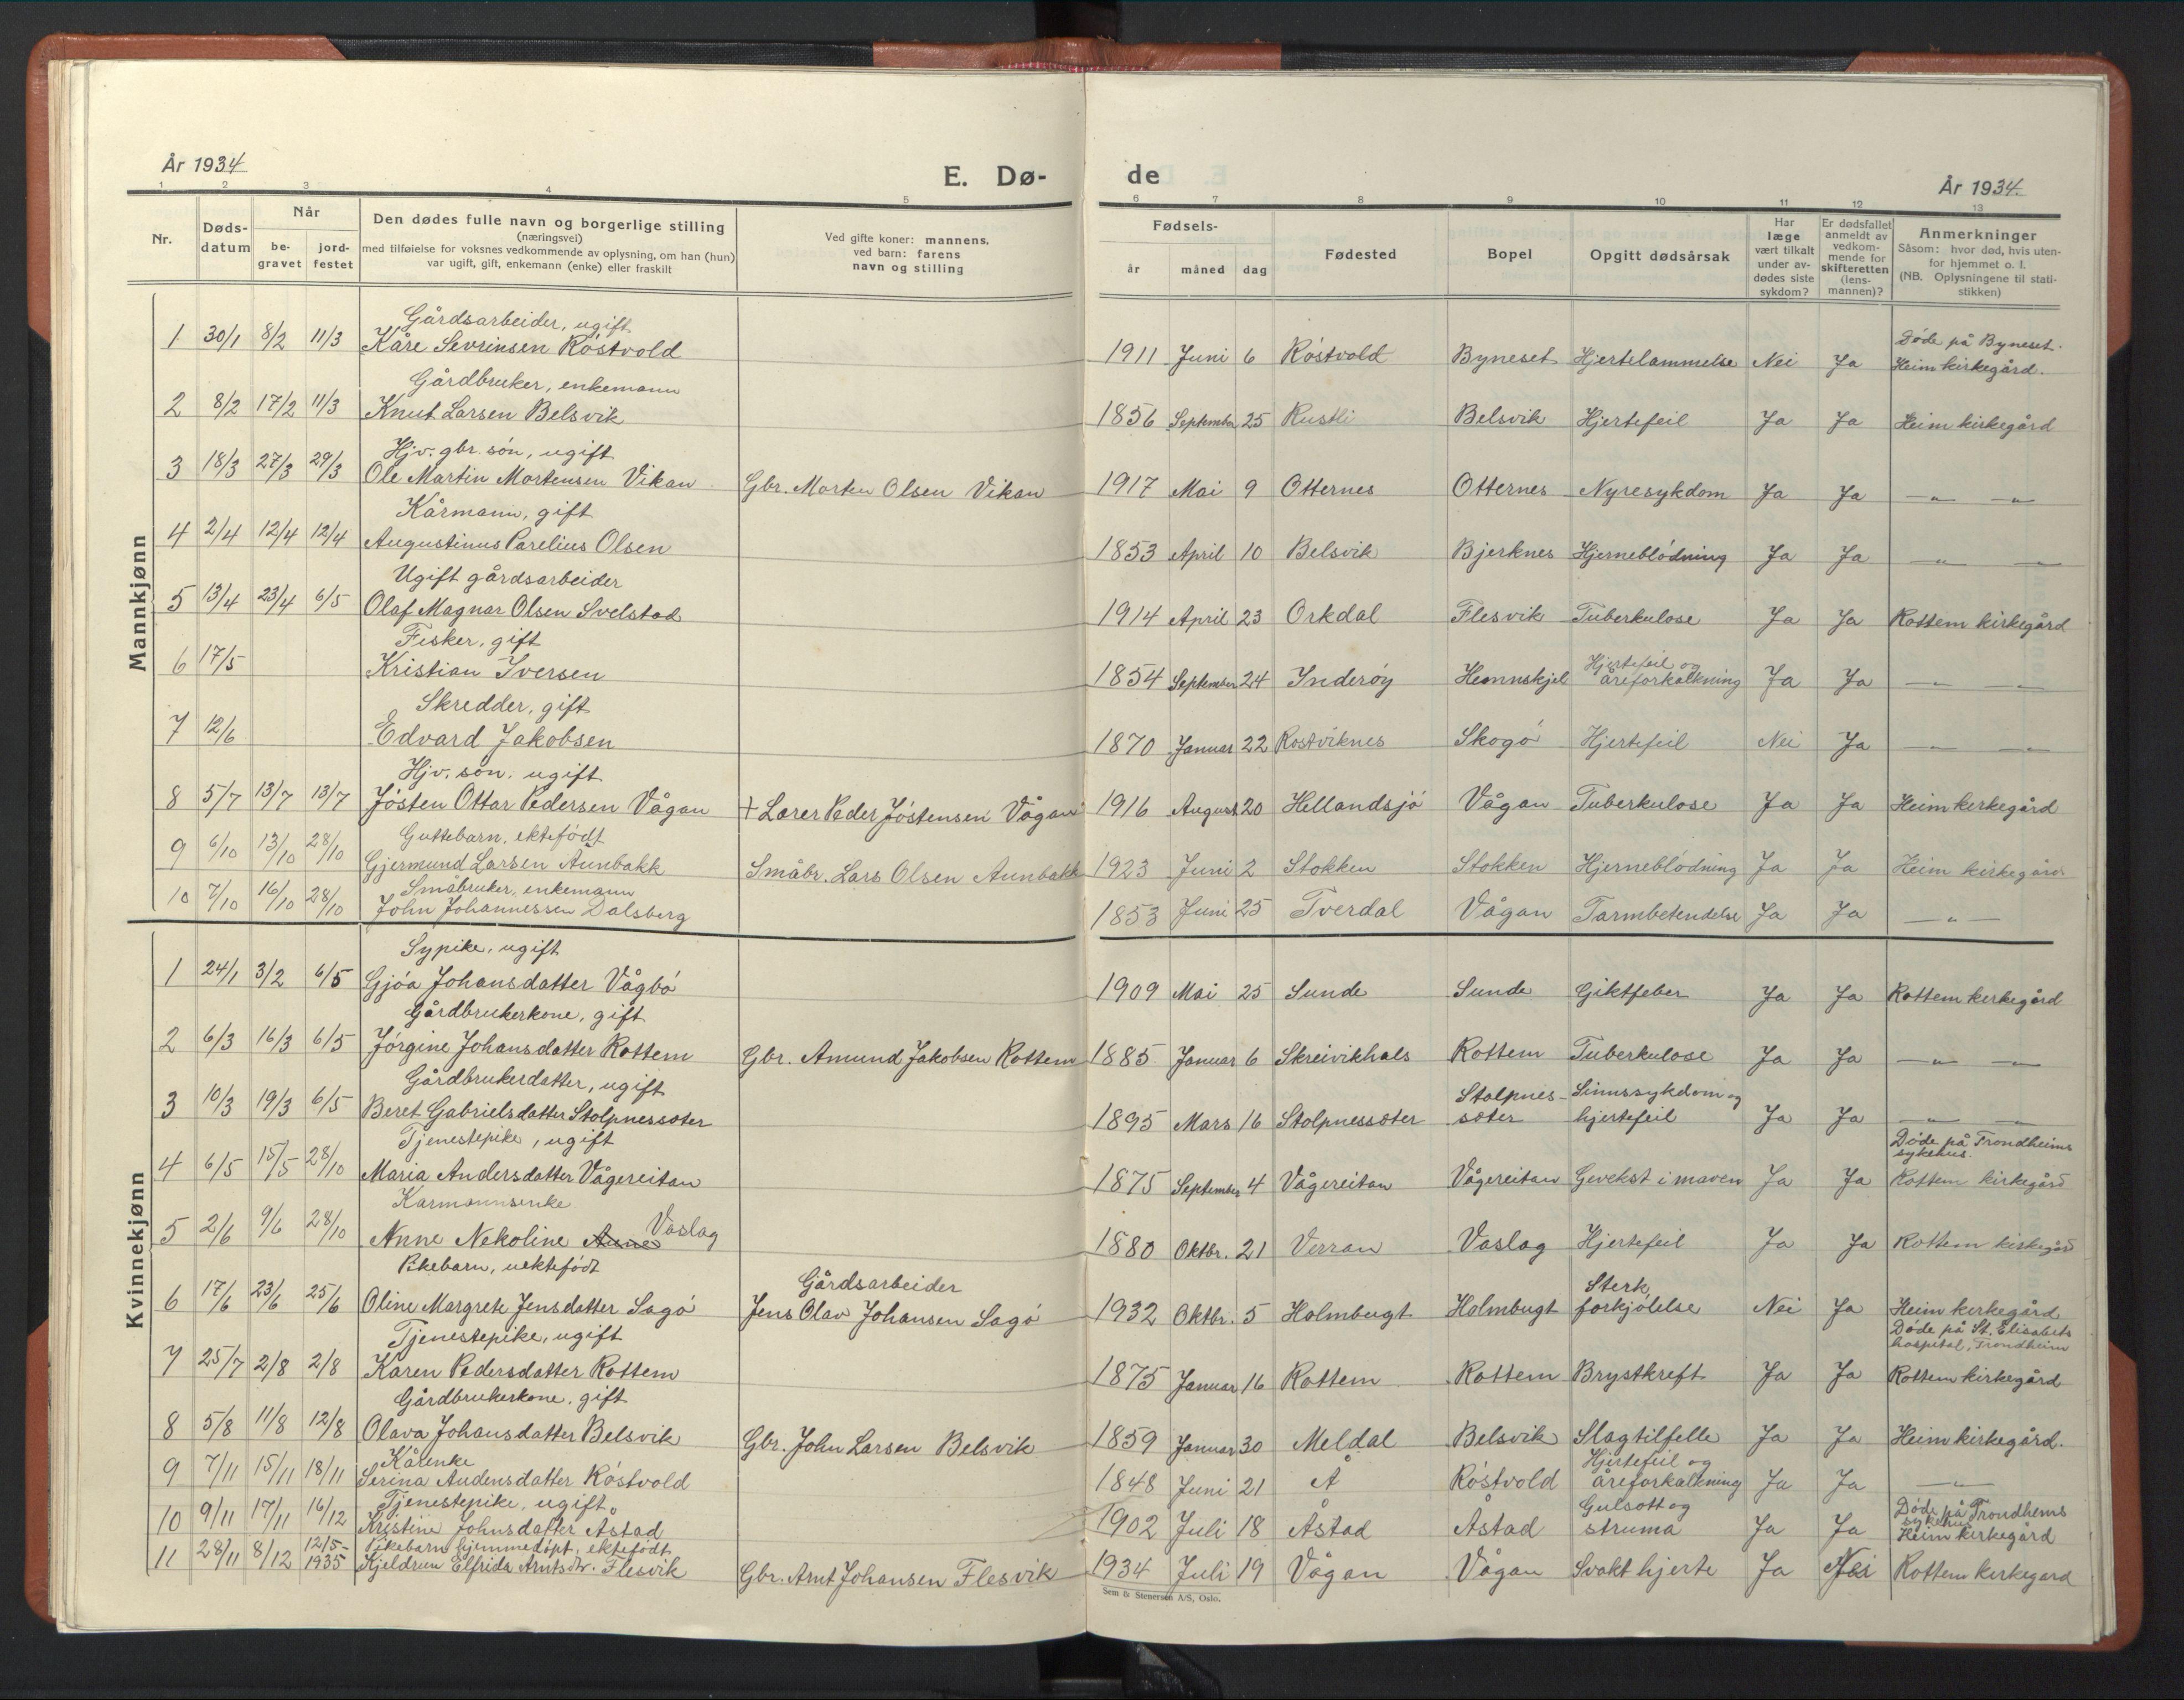 SAT, Ministerialprotokoller, klokkerbøker og fødselsregistre - Sør-Trøndelag, 630/L0507: Klokkerbok nr. 630C05, 1921-1946